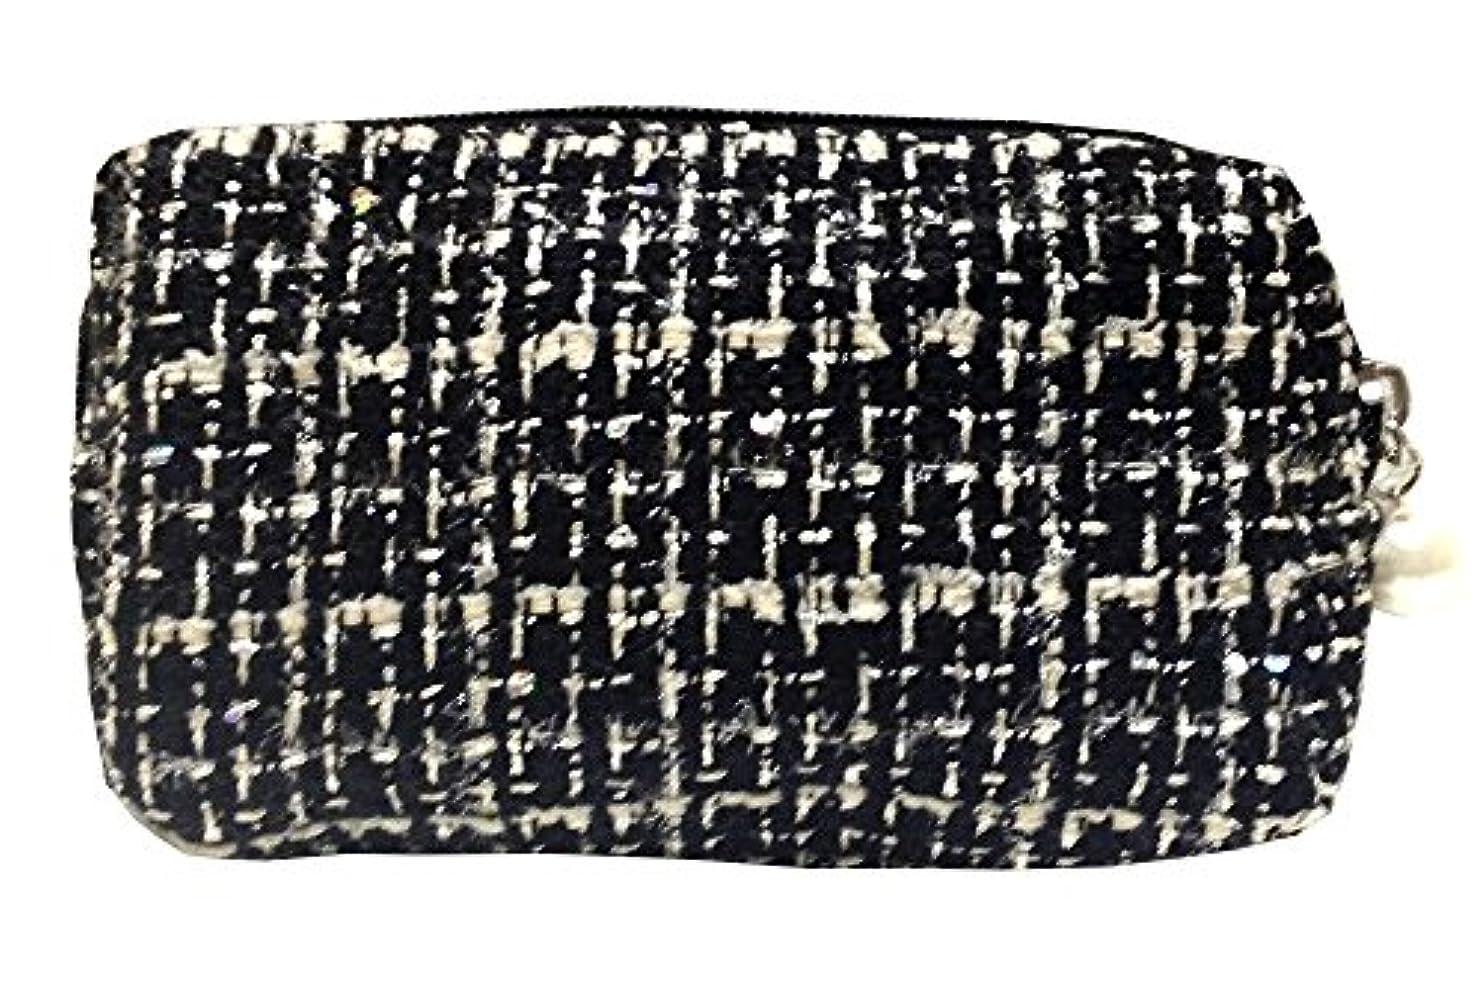 ローンキロメートル本質的ではない化粧ポーチ 編み柄A BKxホワイト【9070】